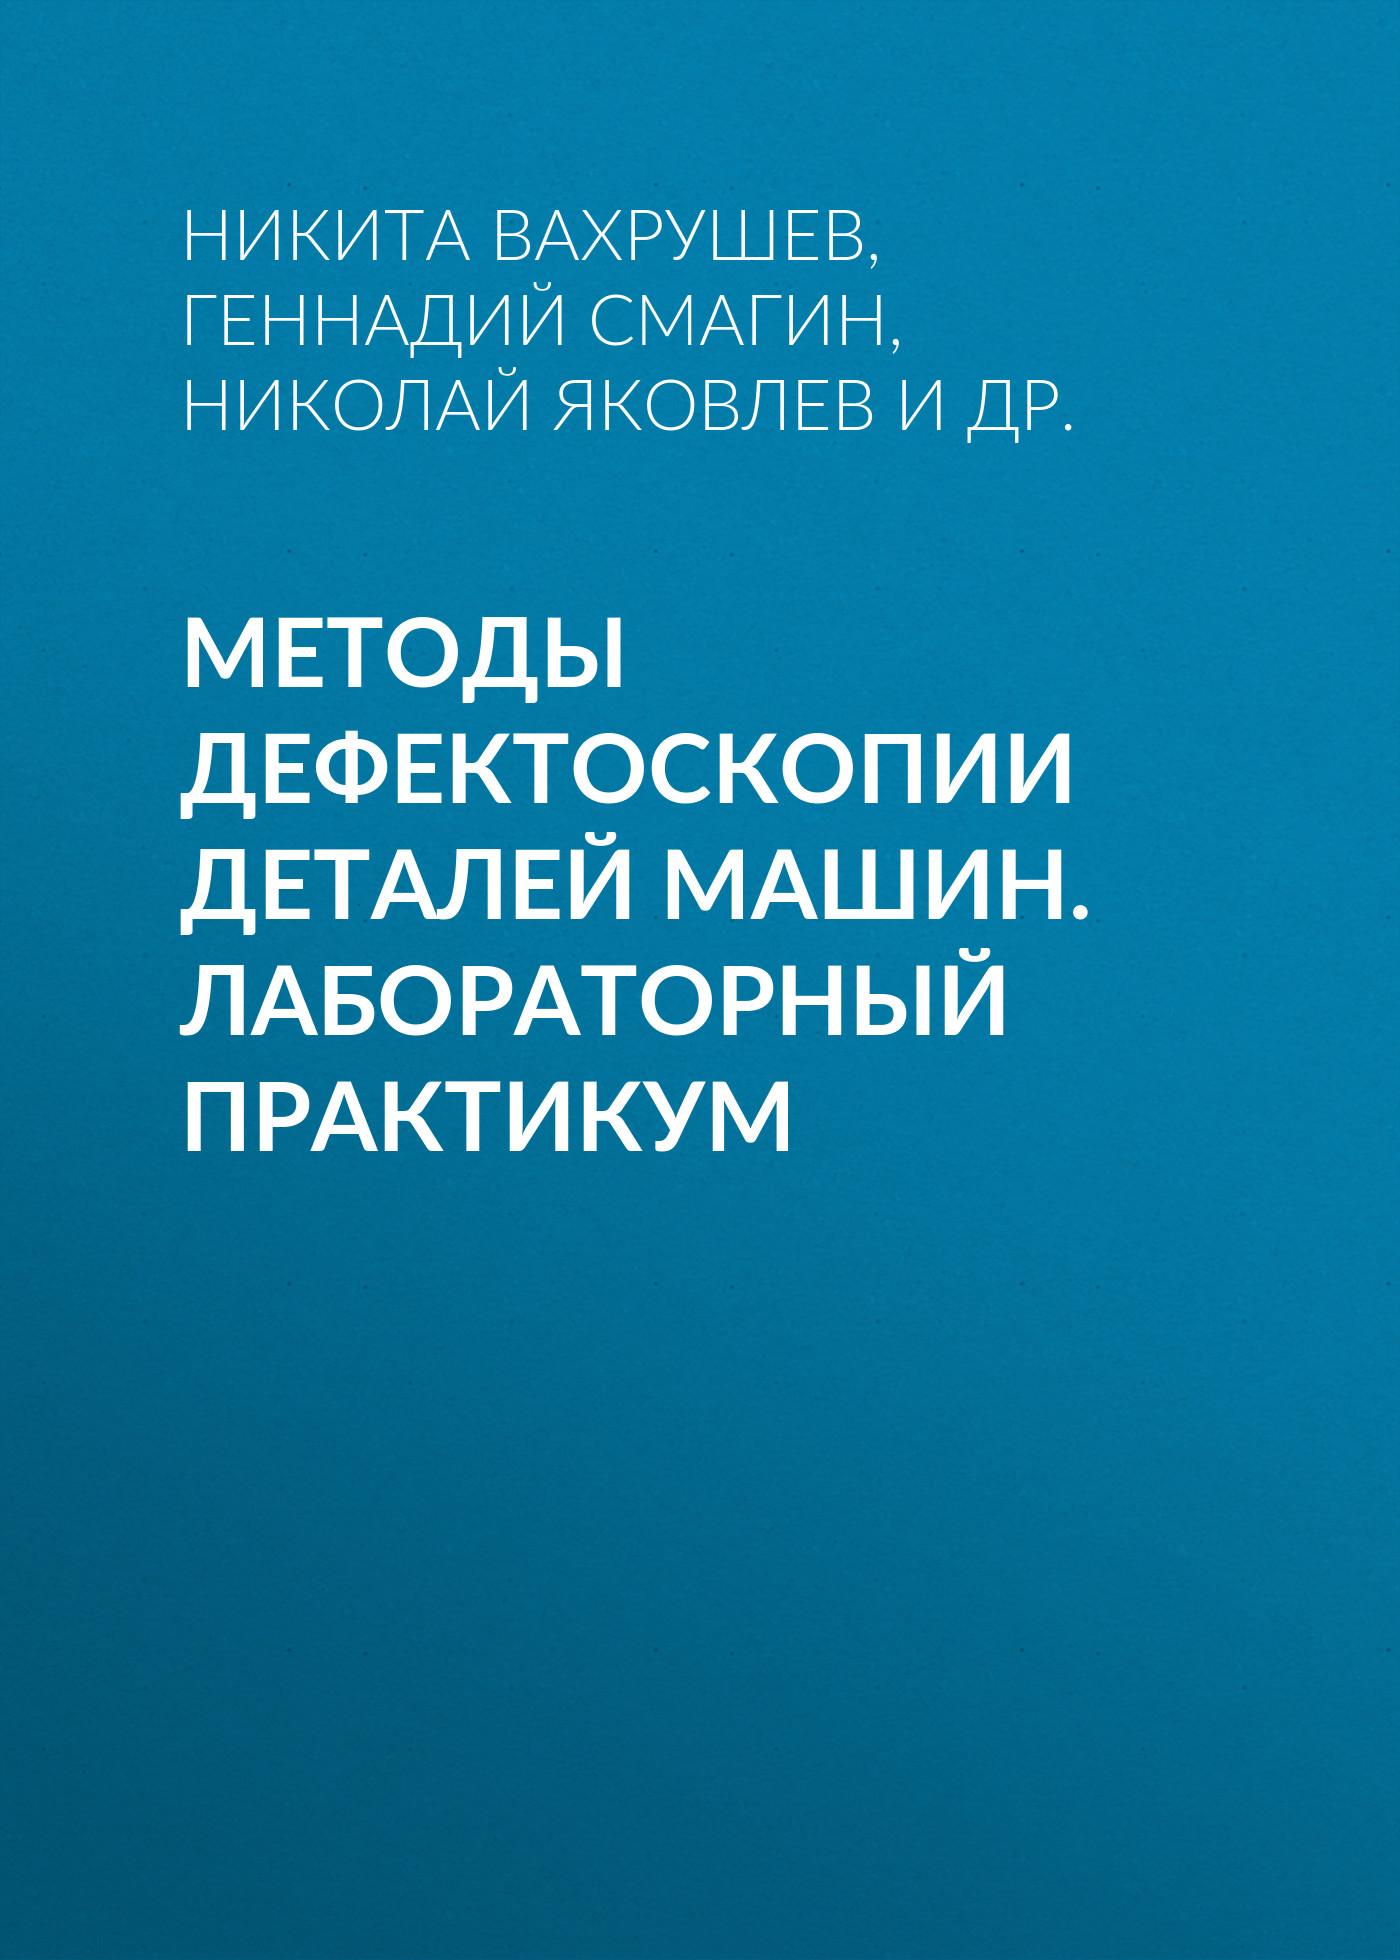 Николай Яковлев Методы дефектоскопии деталей машин. Лабораторный практикум цена